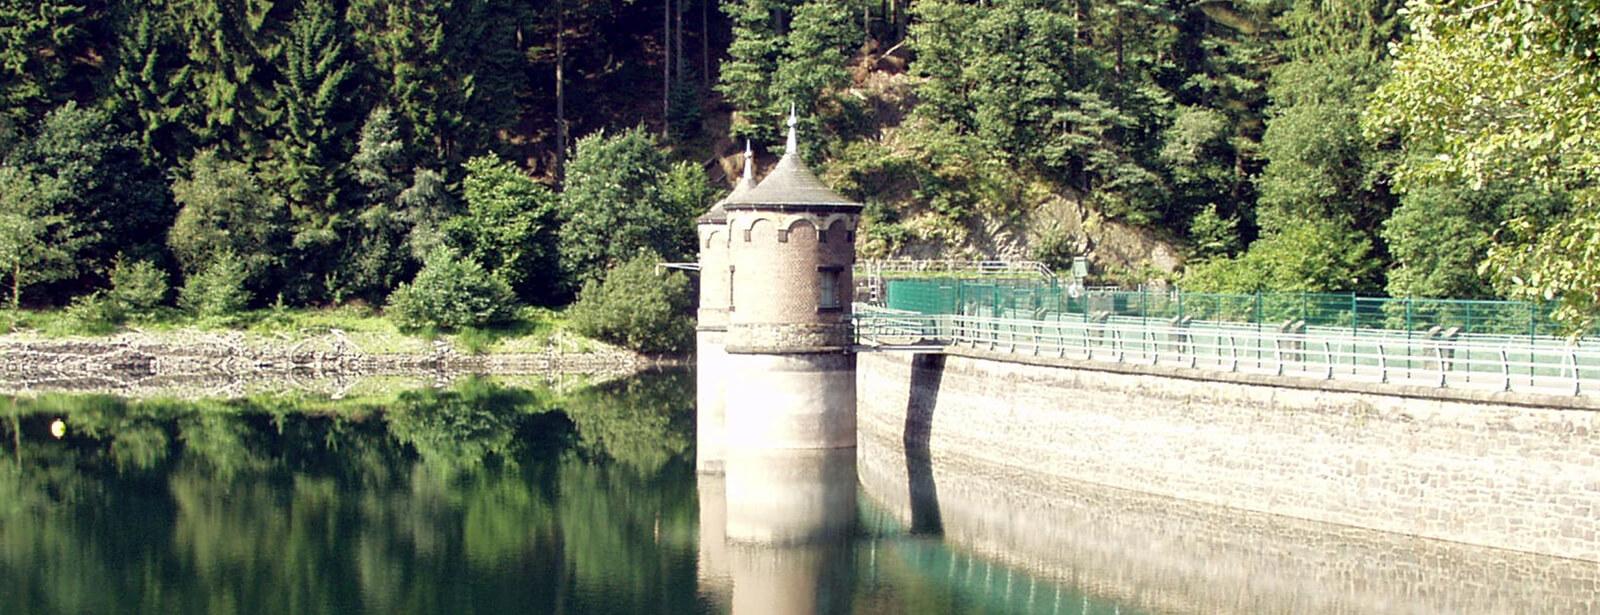 Sengbachtalsperre mit Türmen, Staumauer und Staubecken